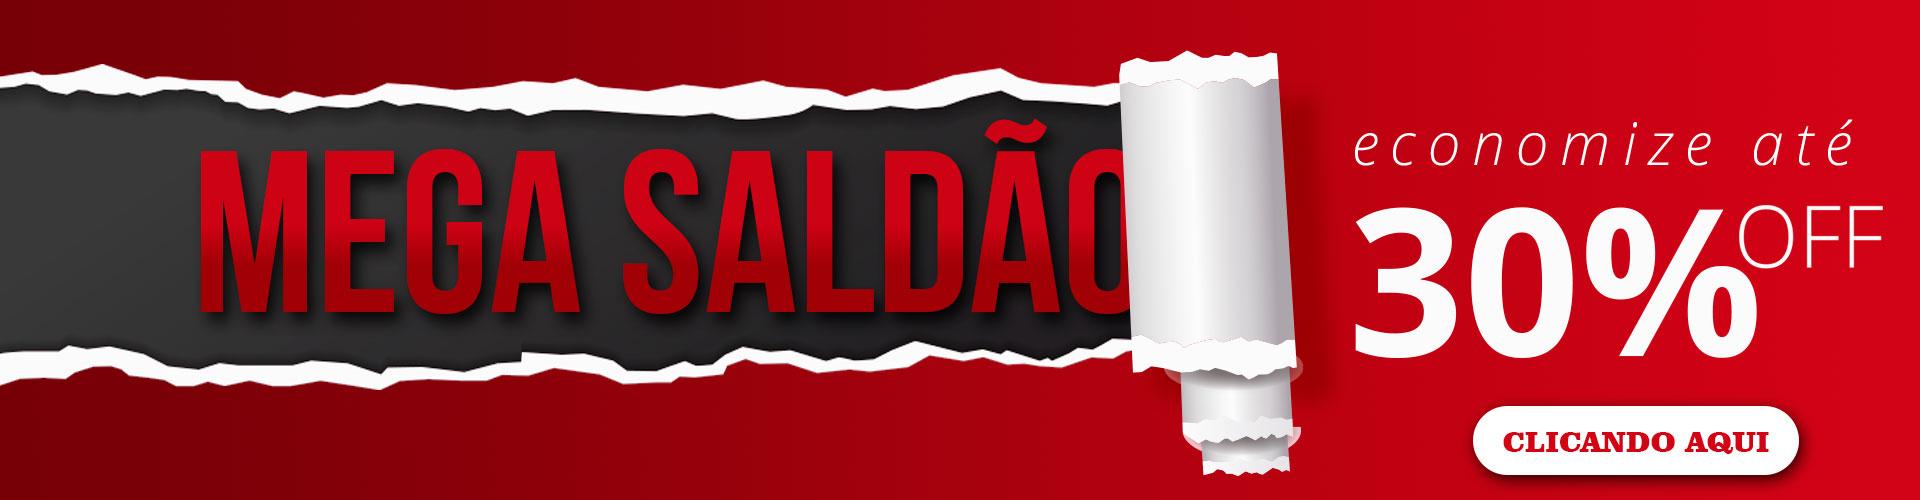 MEGA SALDÃO